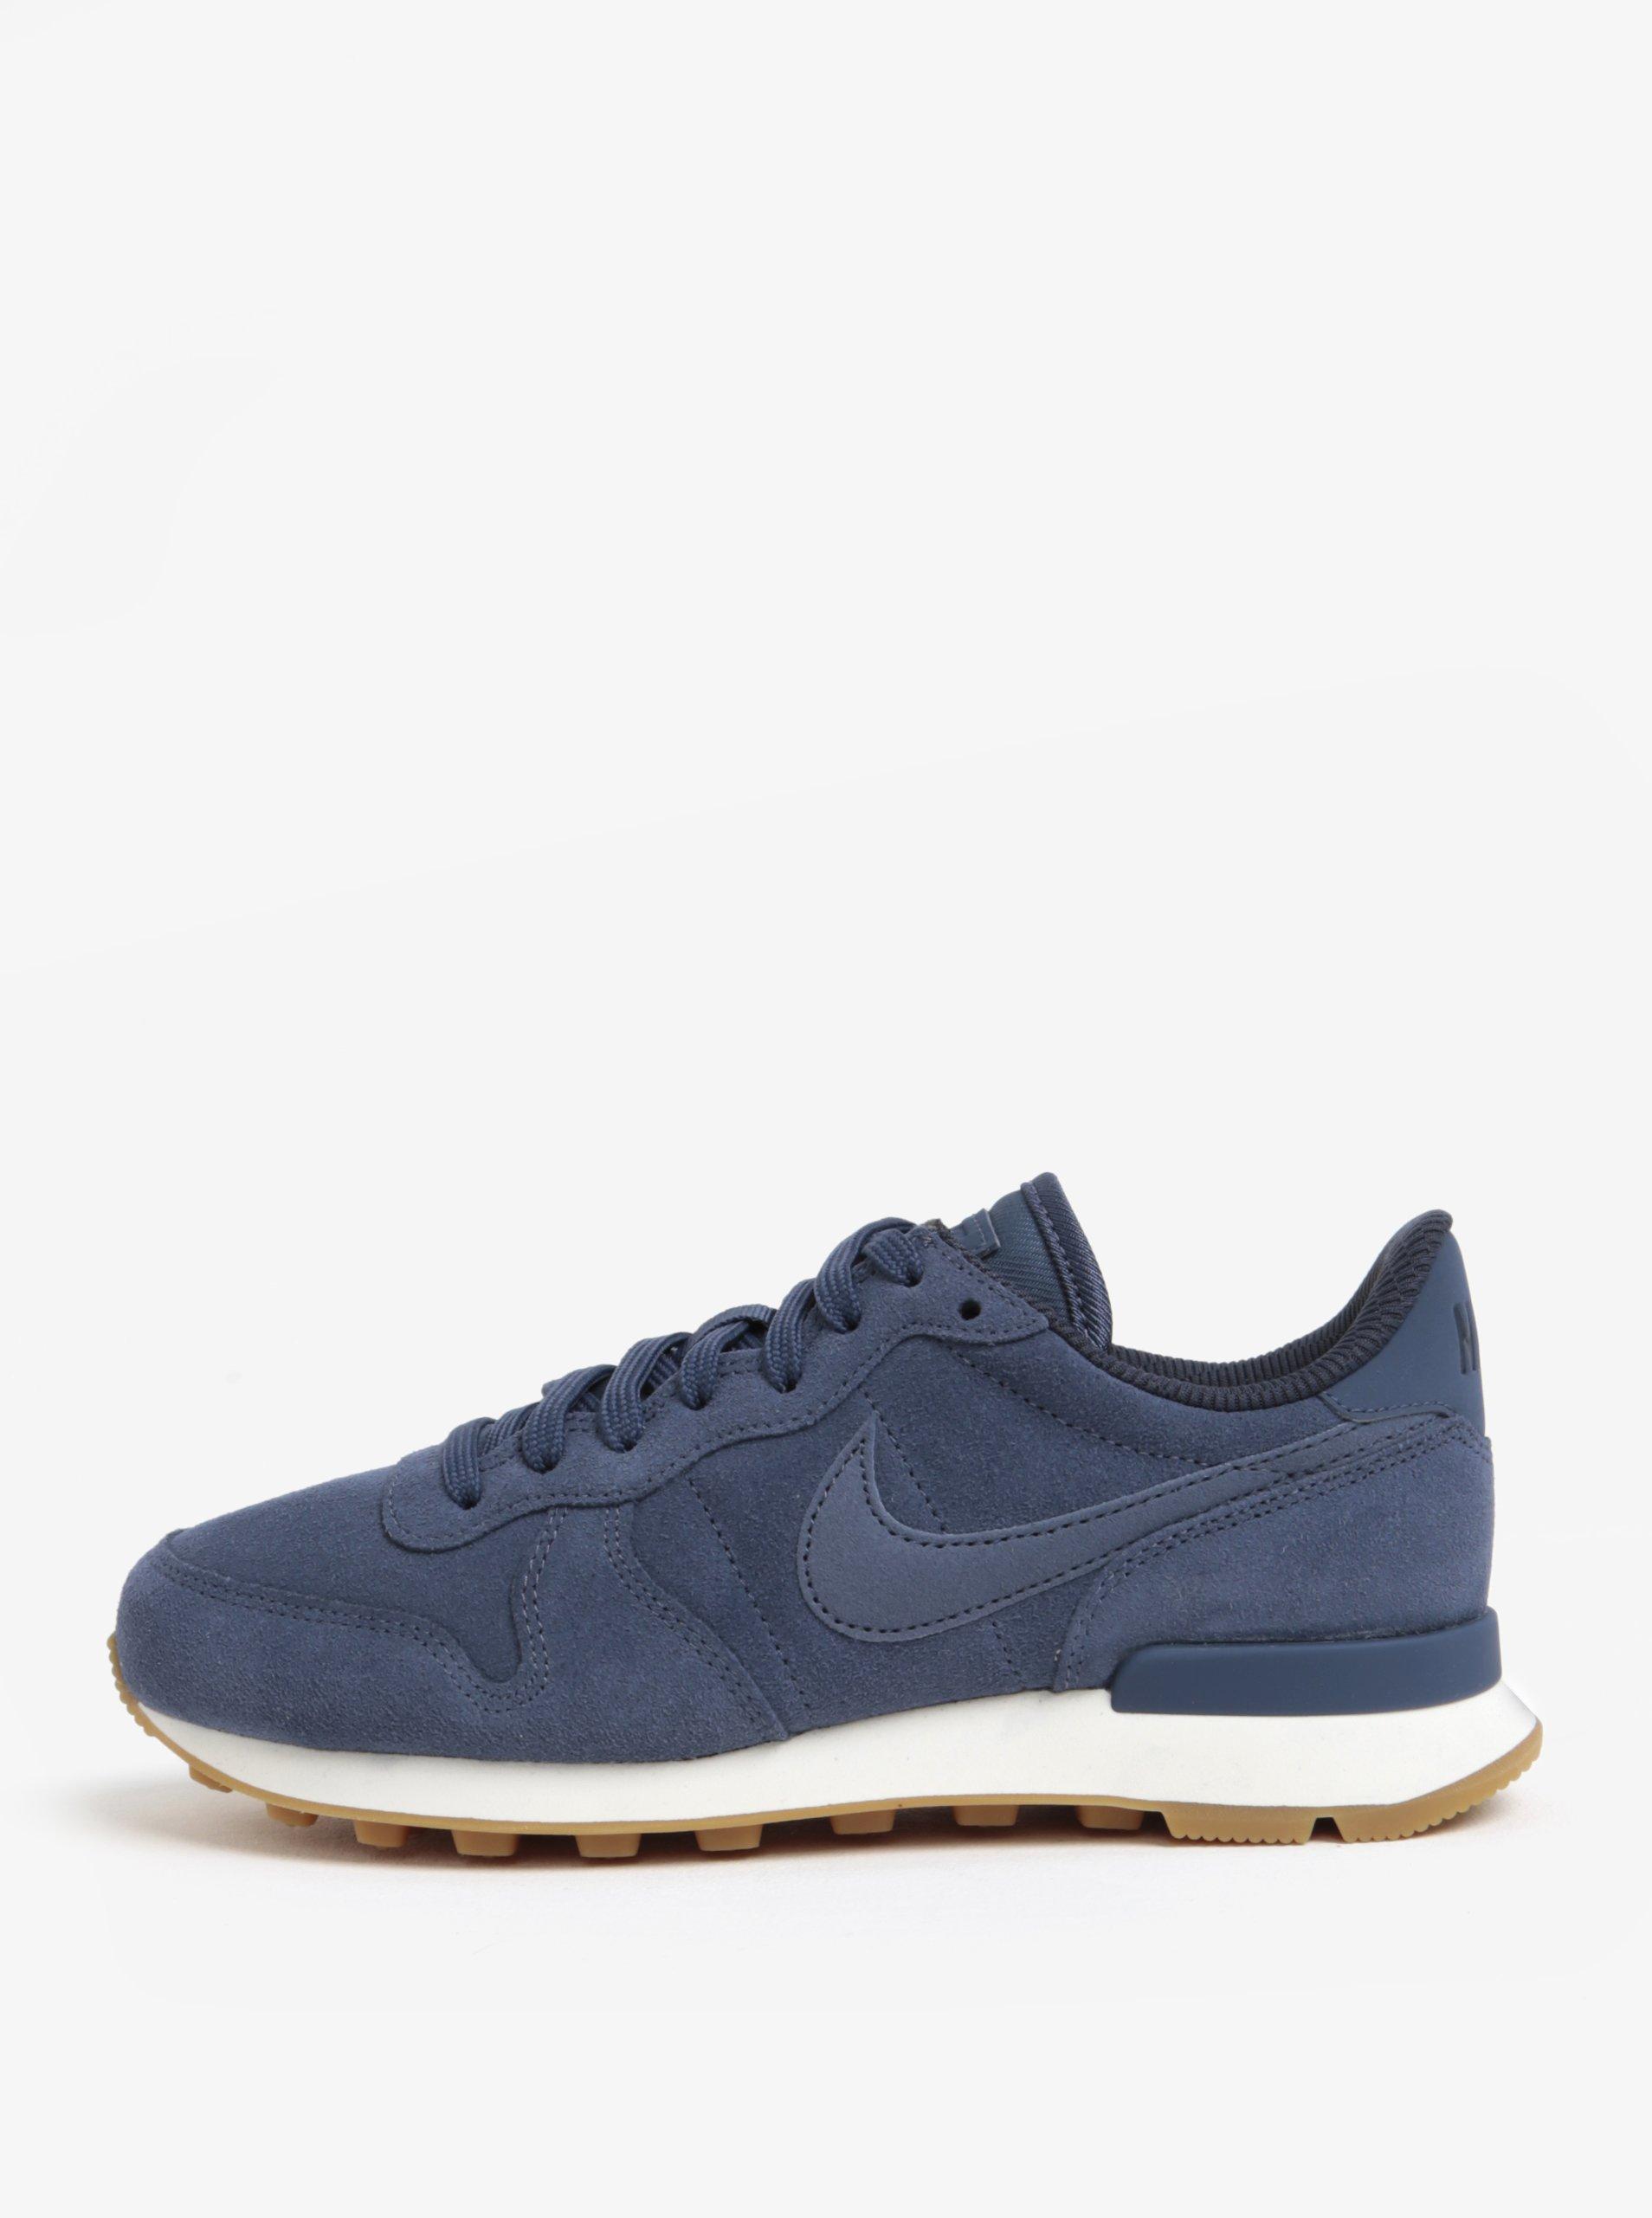 Tmavě modré dámské semišové tenisky Nike Internationalist